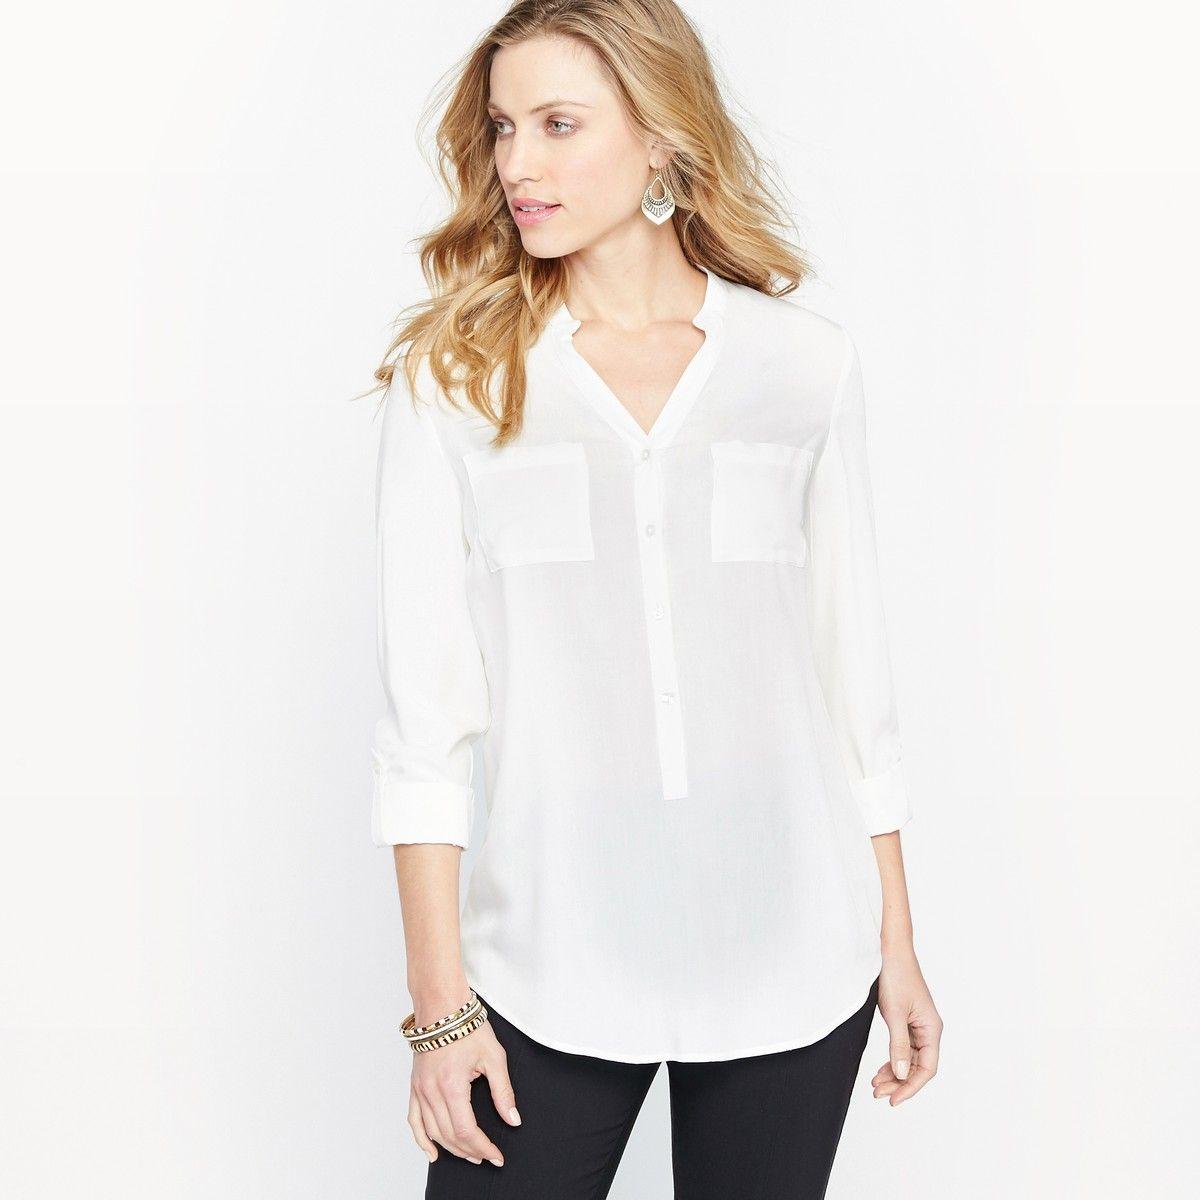 a44bd220e646 Блузка-туника с круглым вырезом | Женская белая рубашка с длинным ...